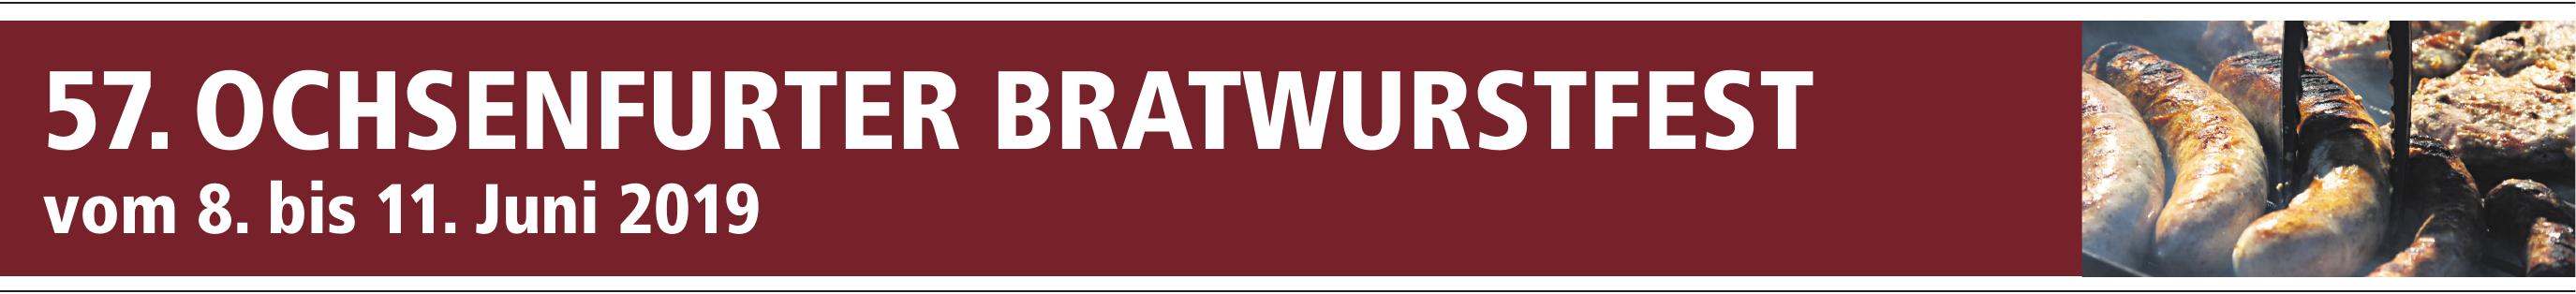 57. Ochsenfurter Bratwurstfest Image 1